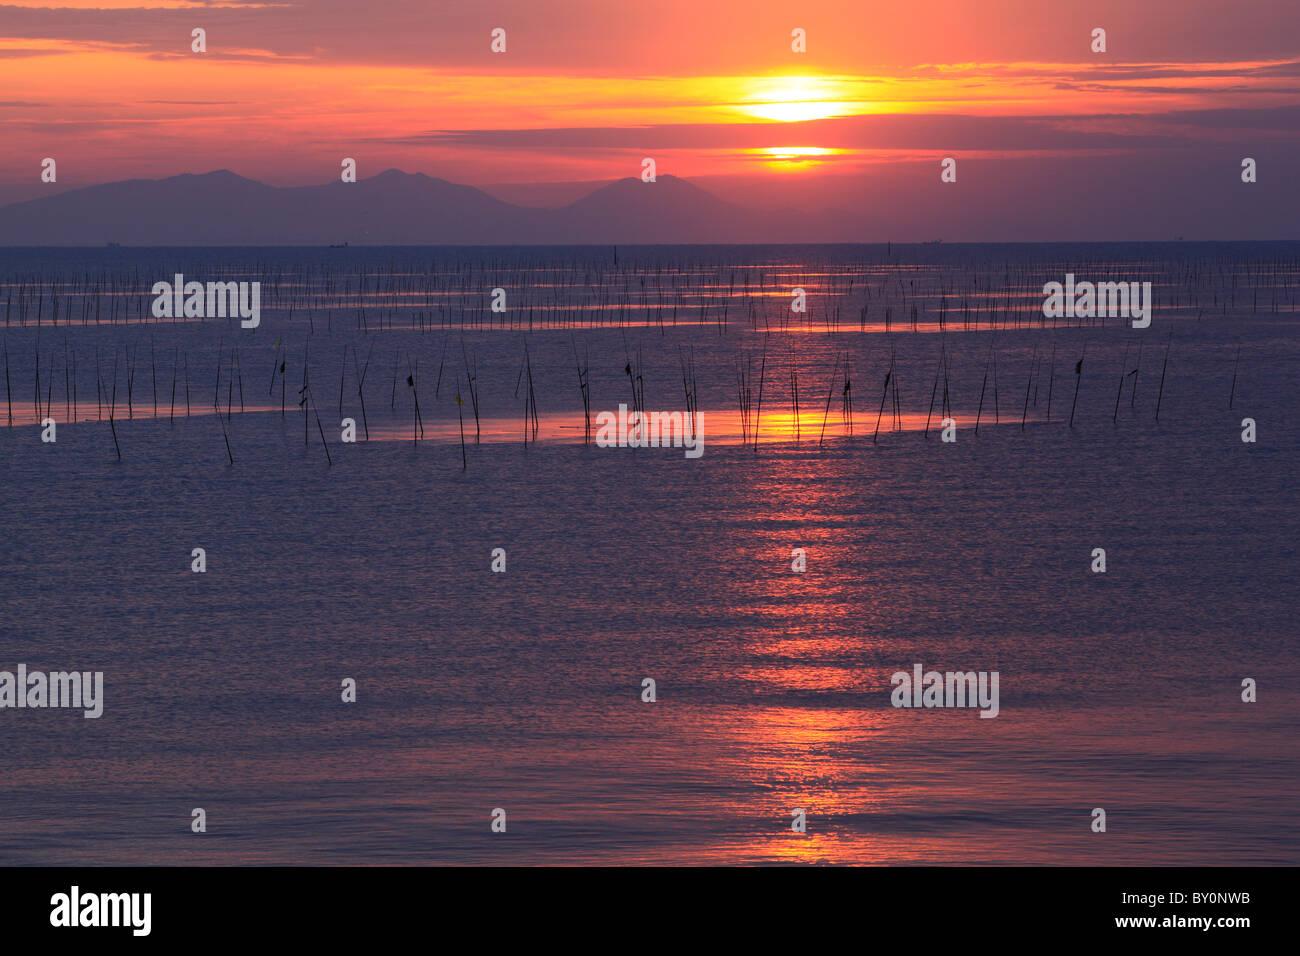 Morning Glow of Ariake Sea, Tara, Saga, Japan - Stock Image